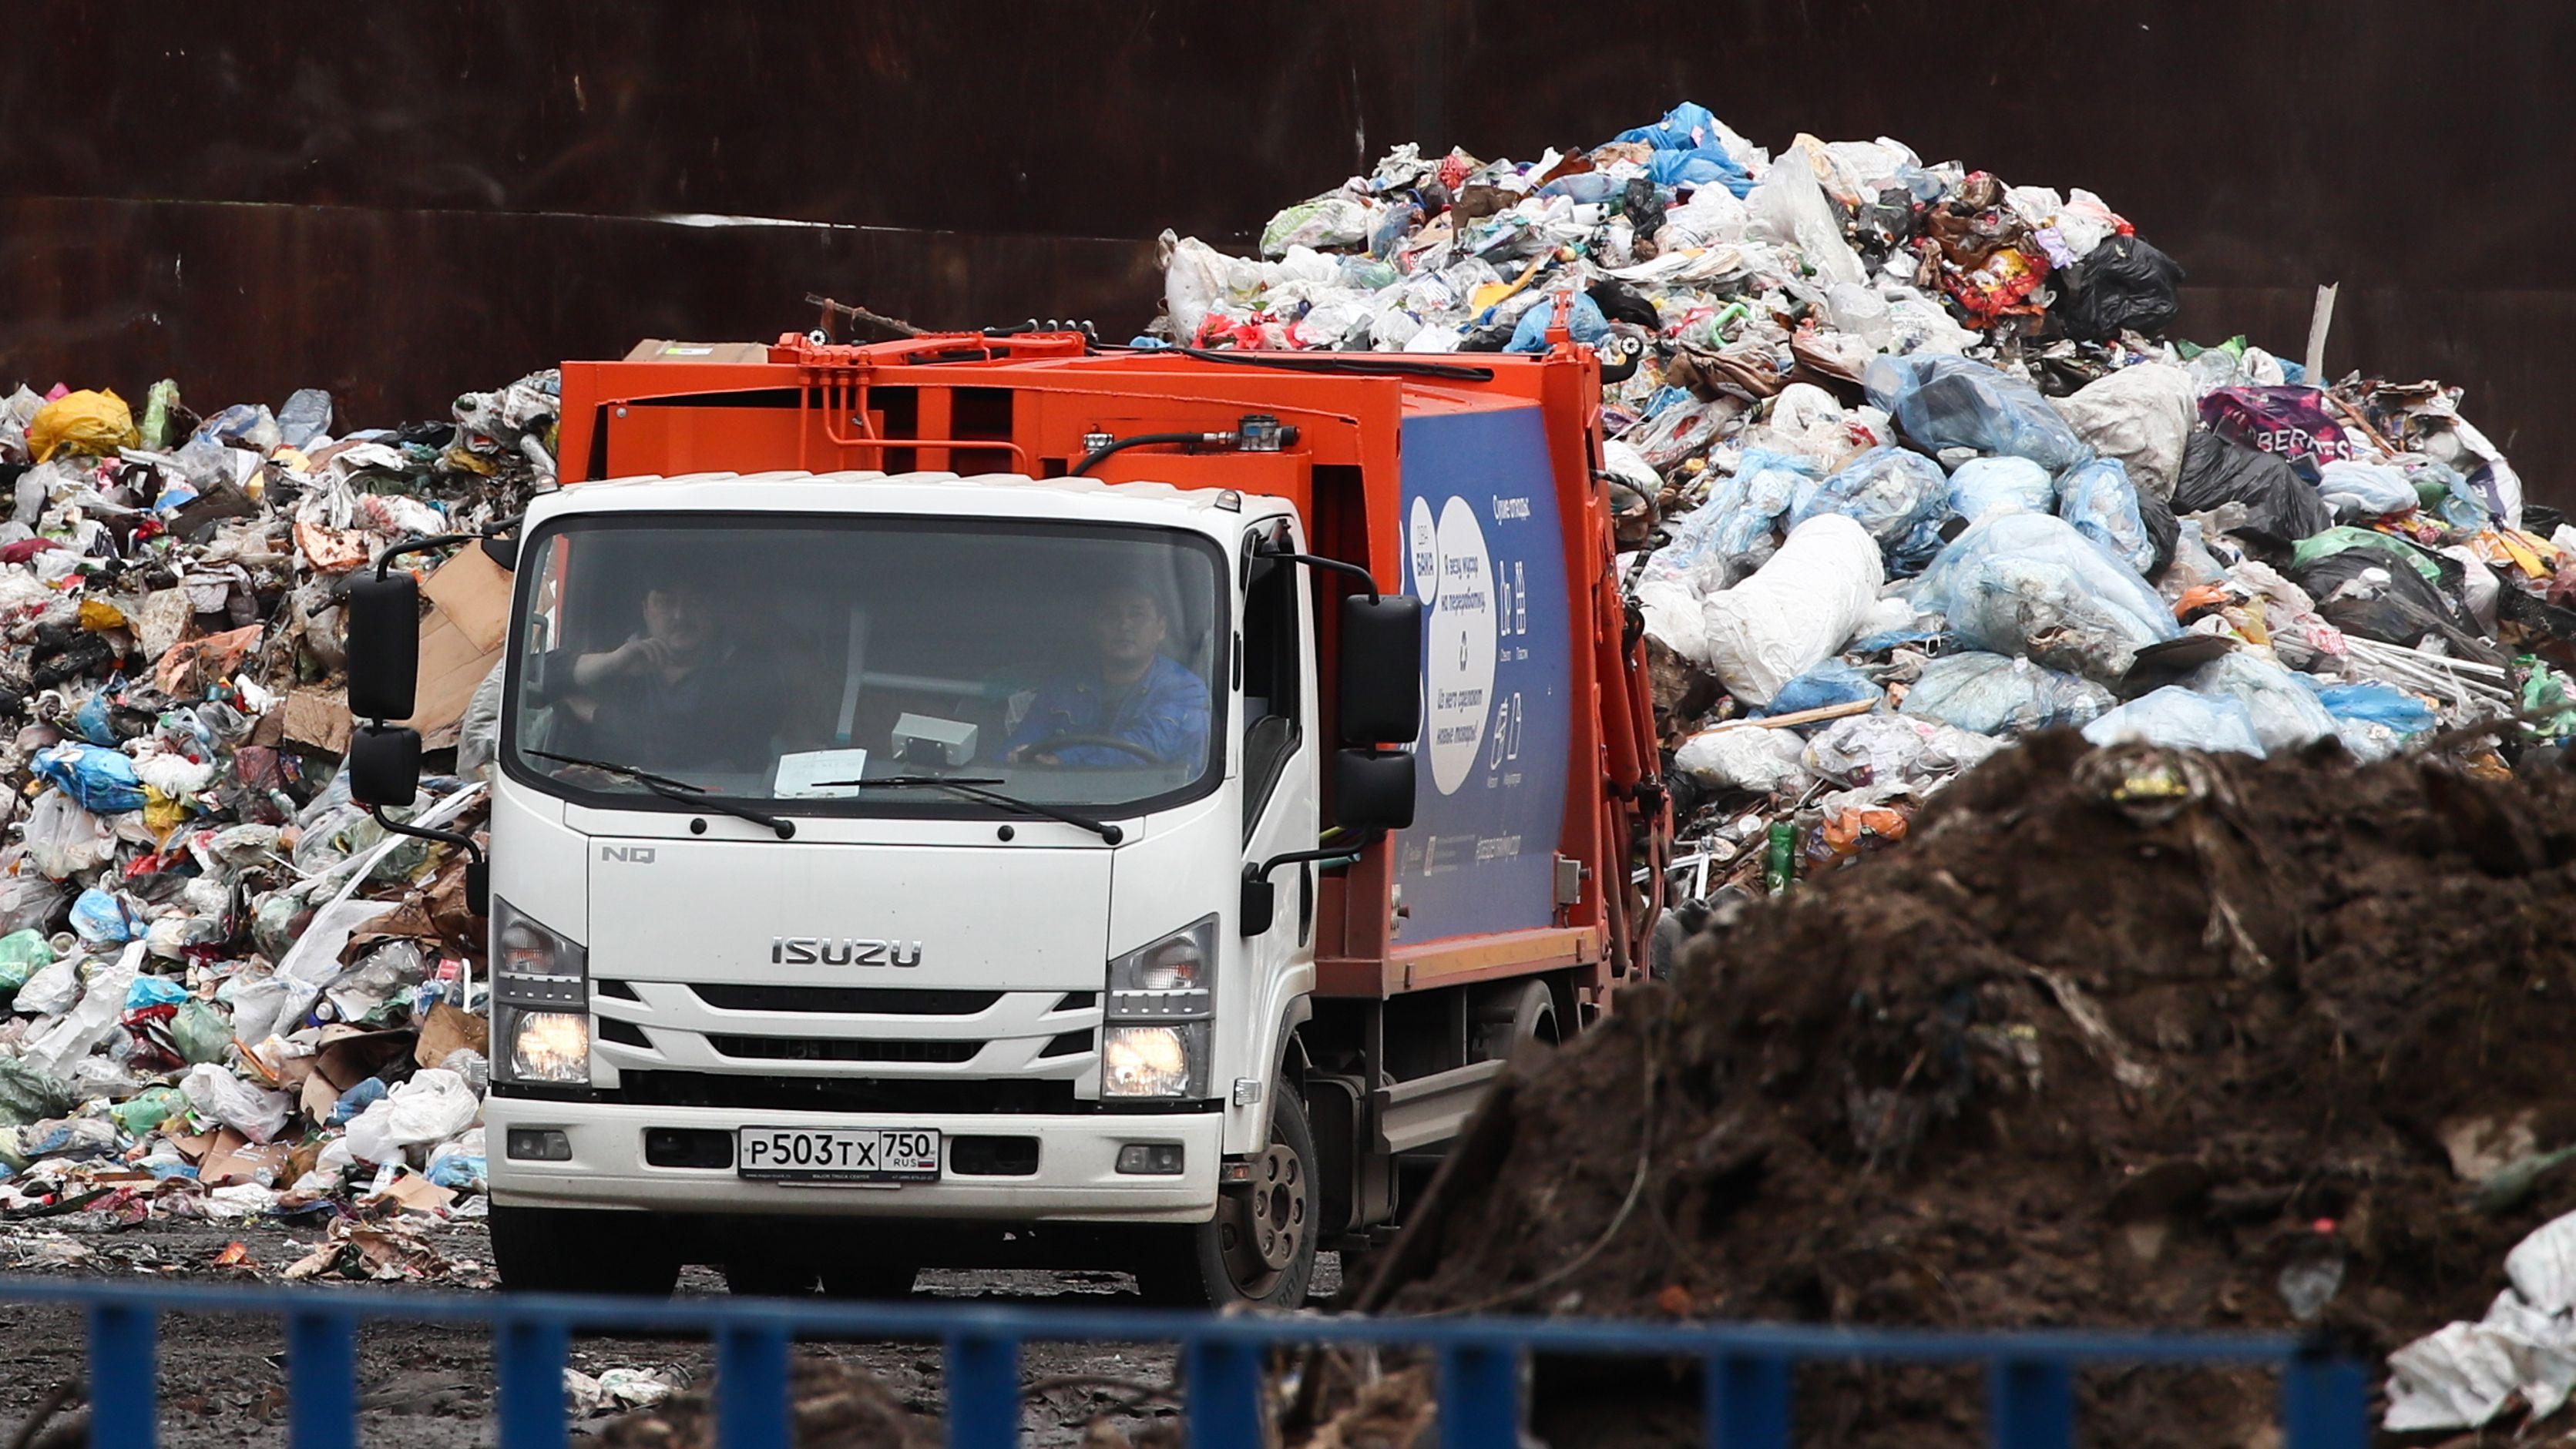 Moskau und sein Müll: Müll-Sortierungsanlage in der Nähe des Moskauer Flughafens